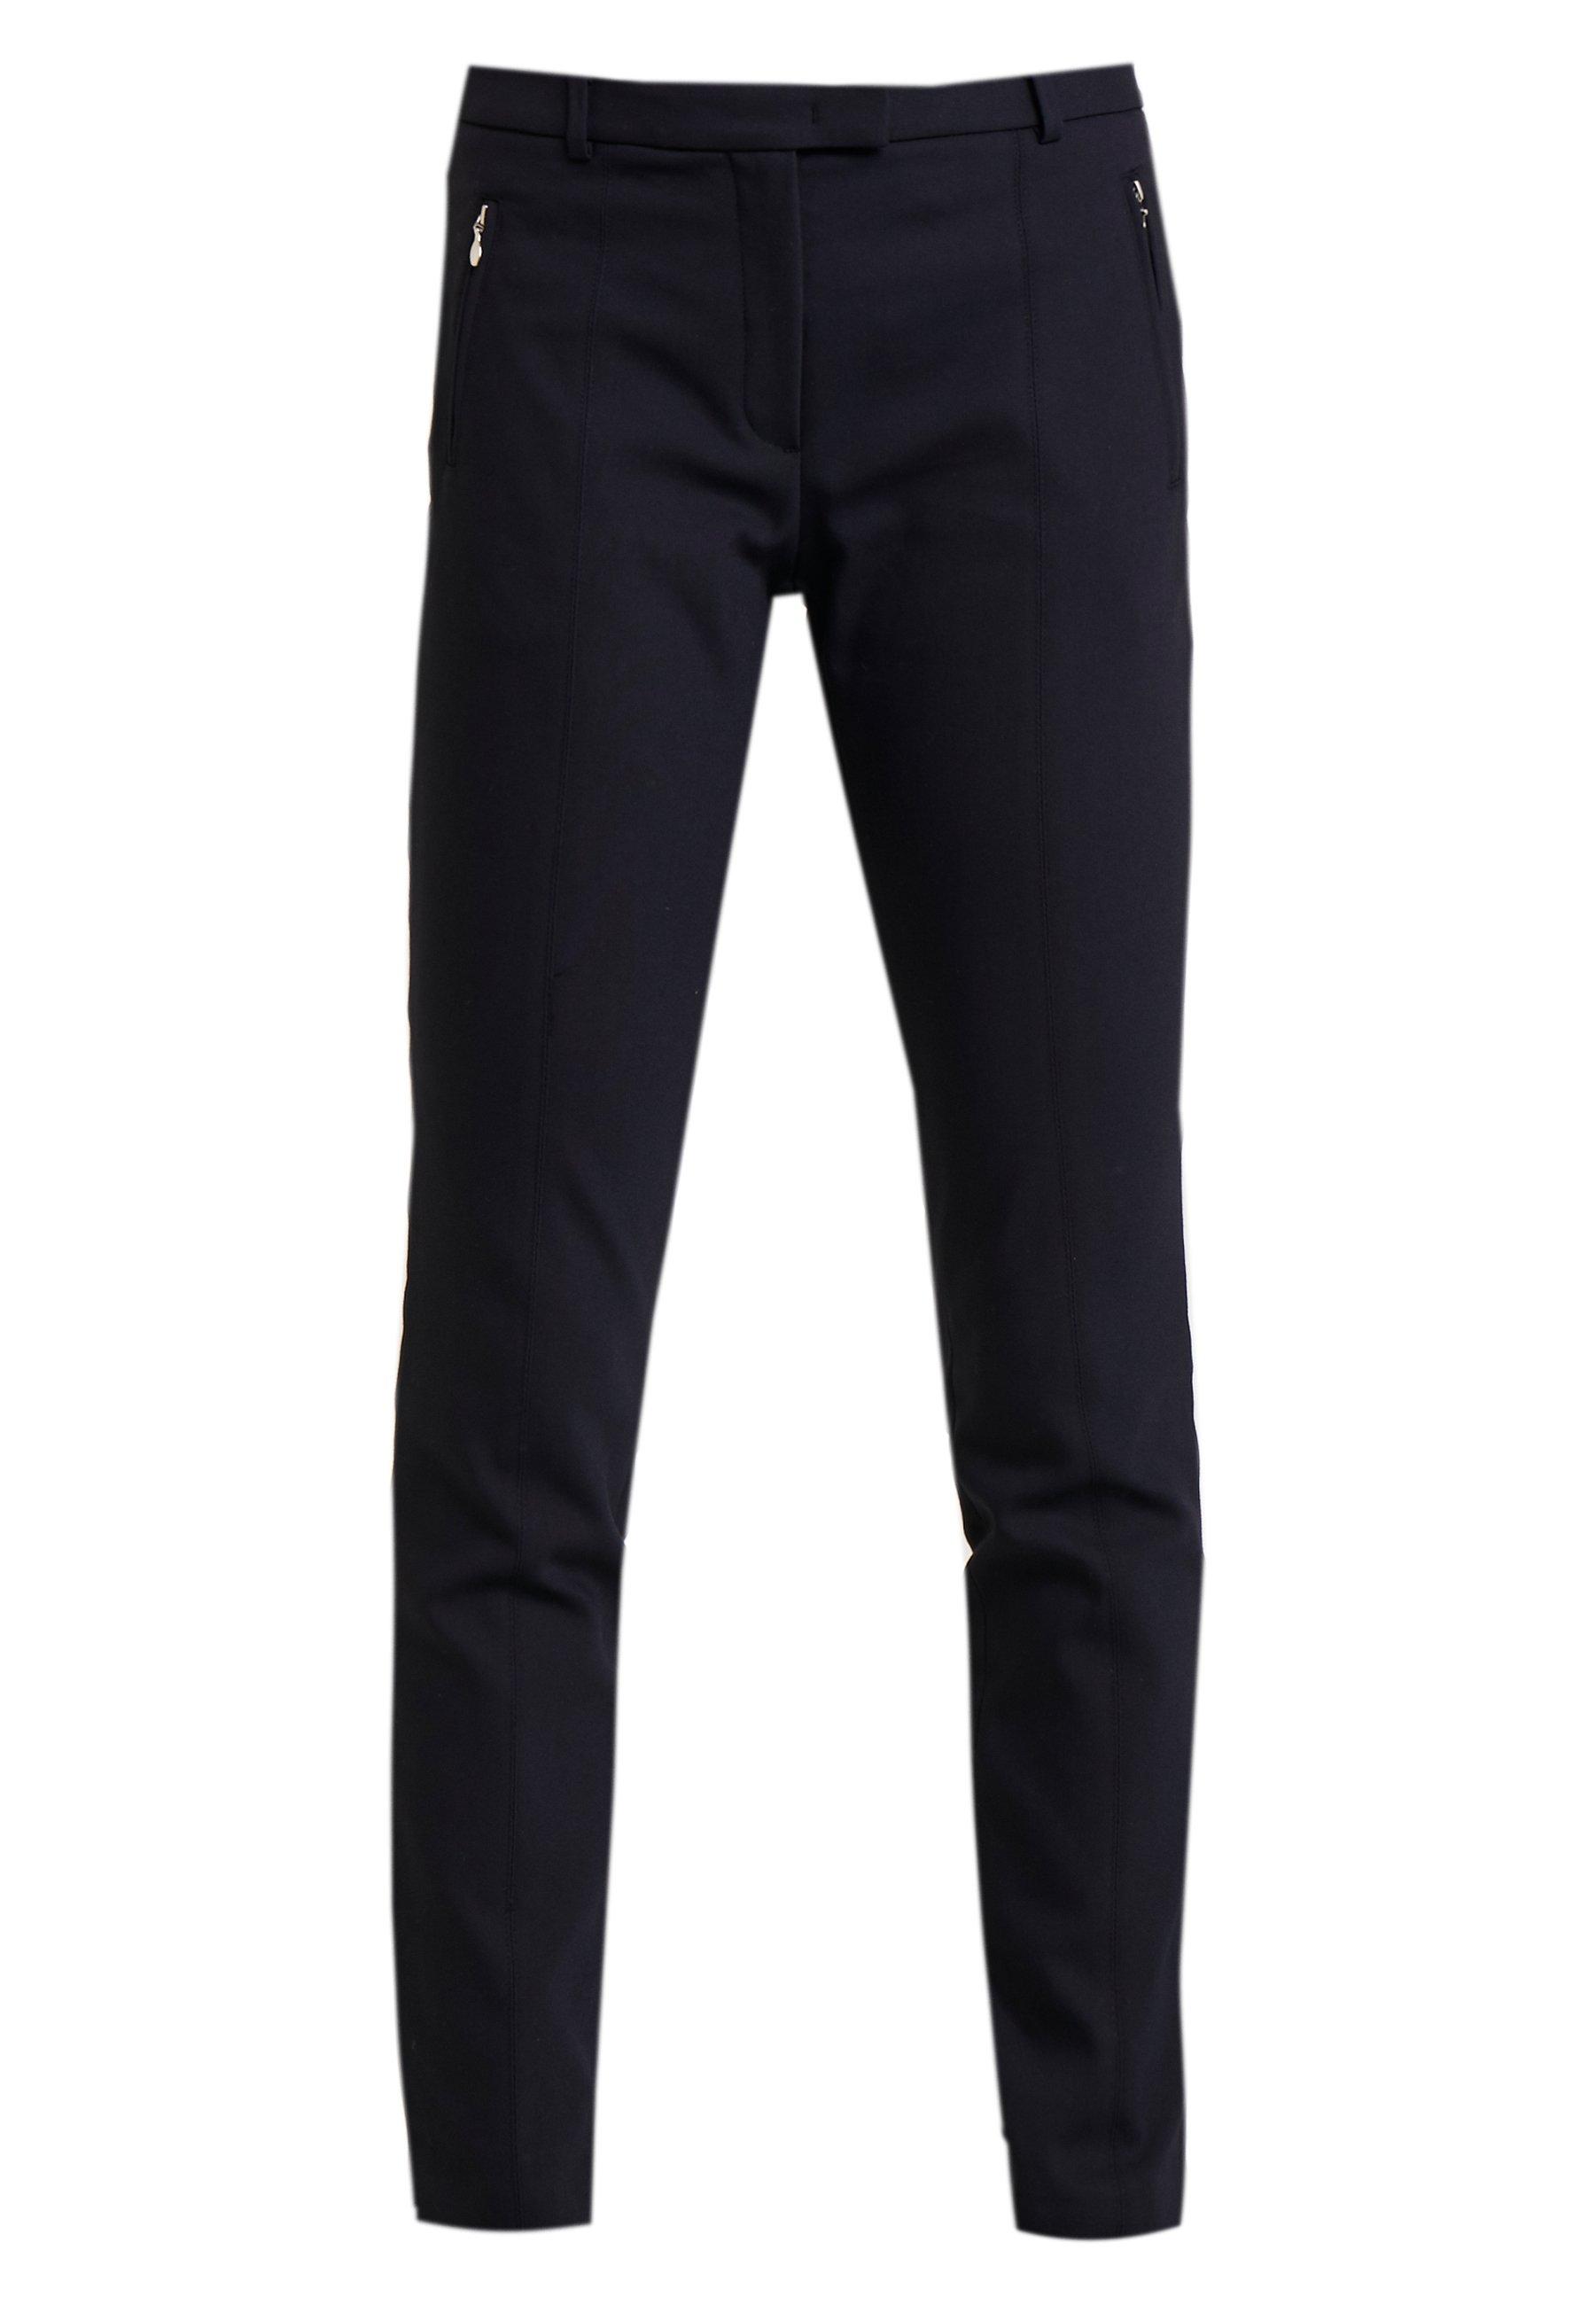 More & Trouser - Pantalon Classique Marine